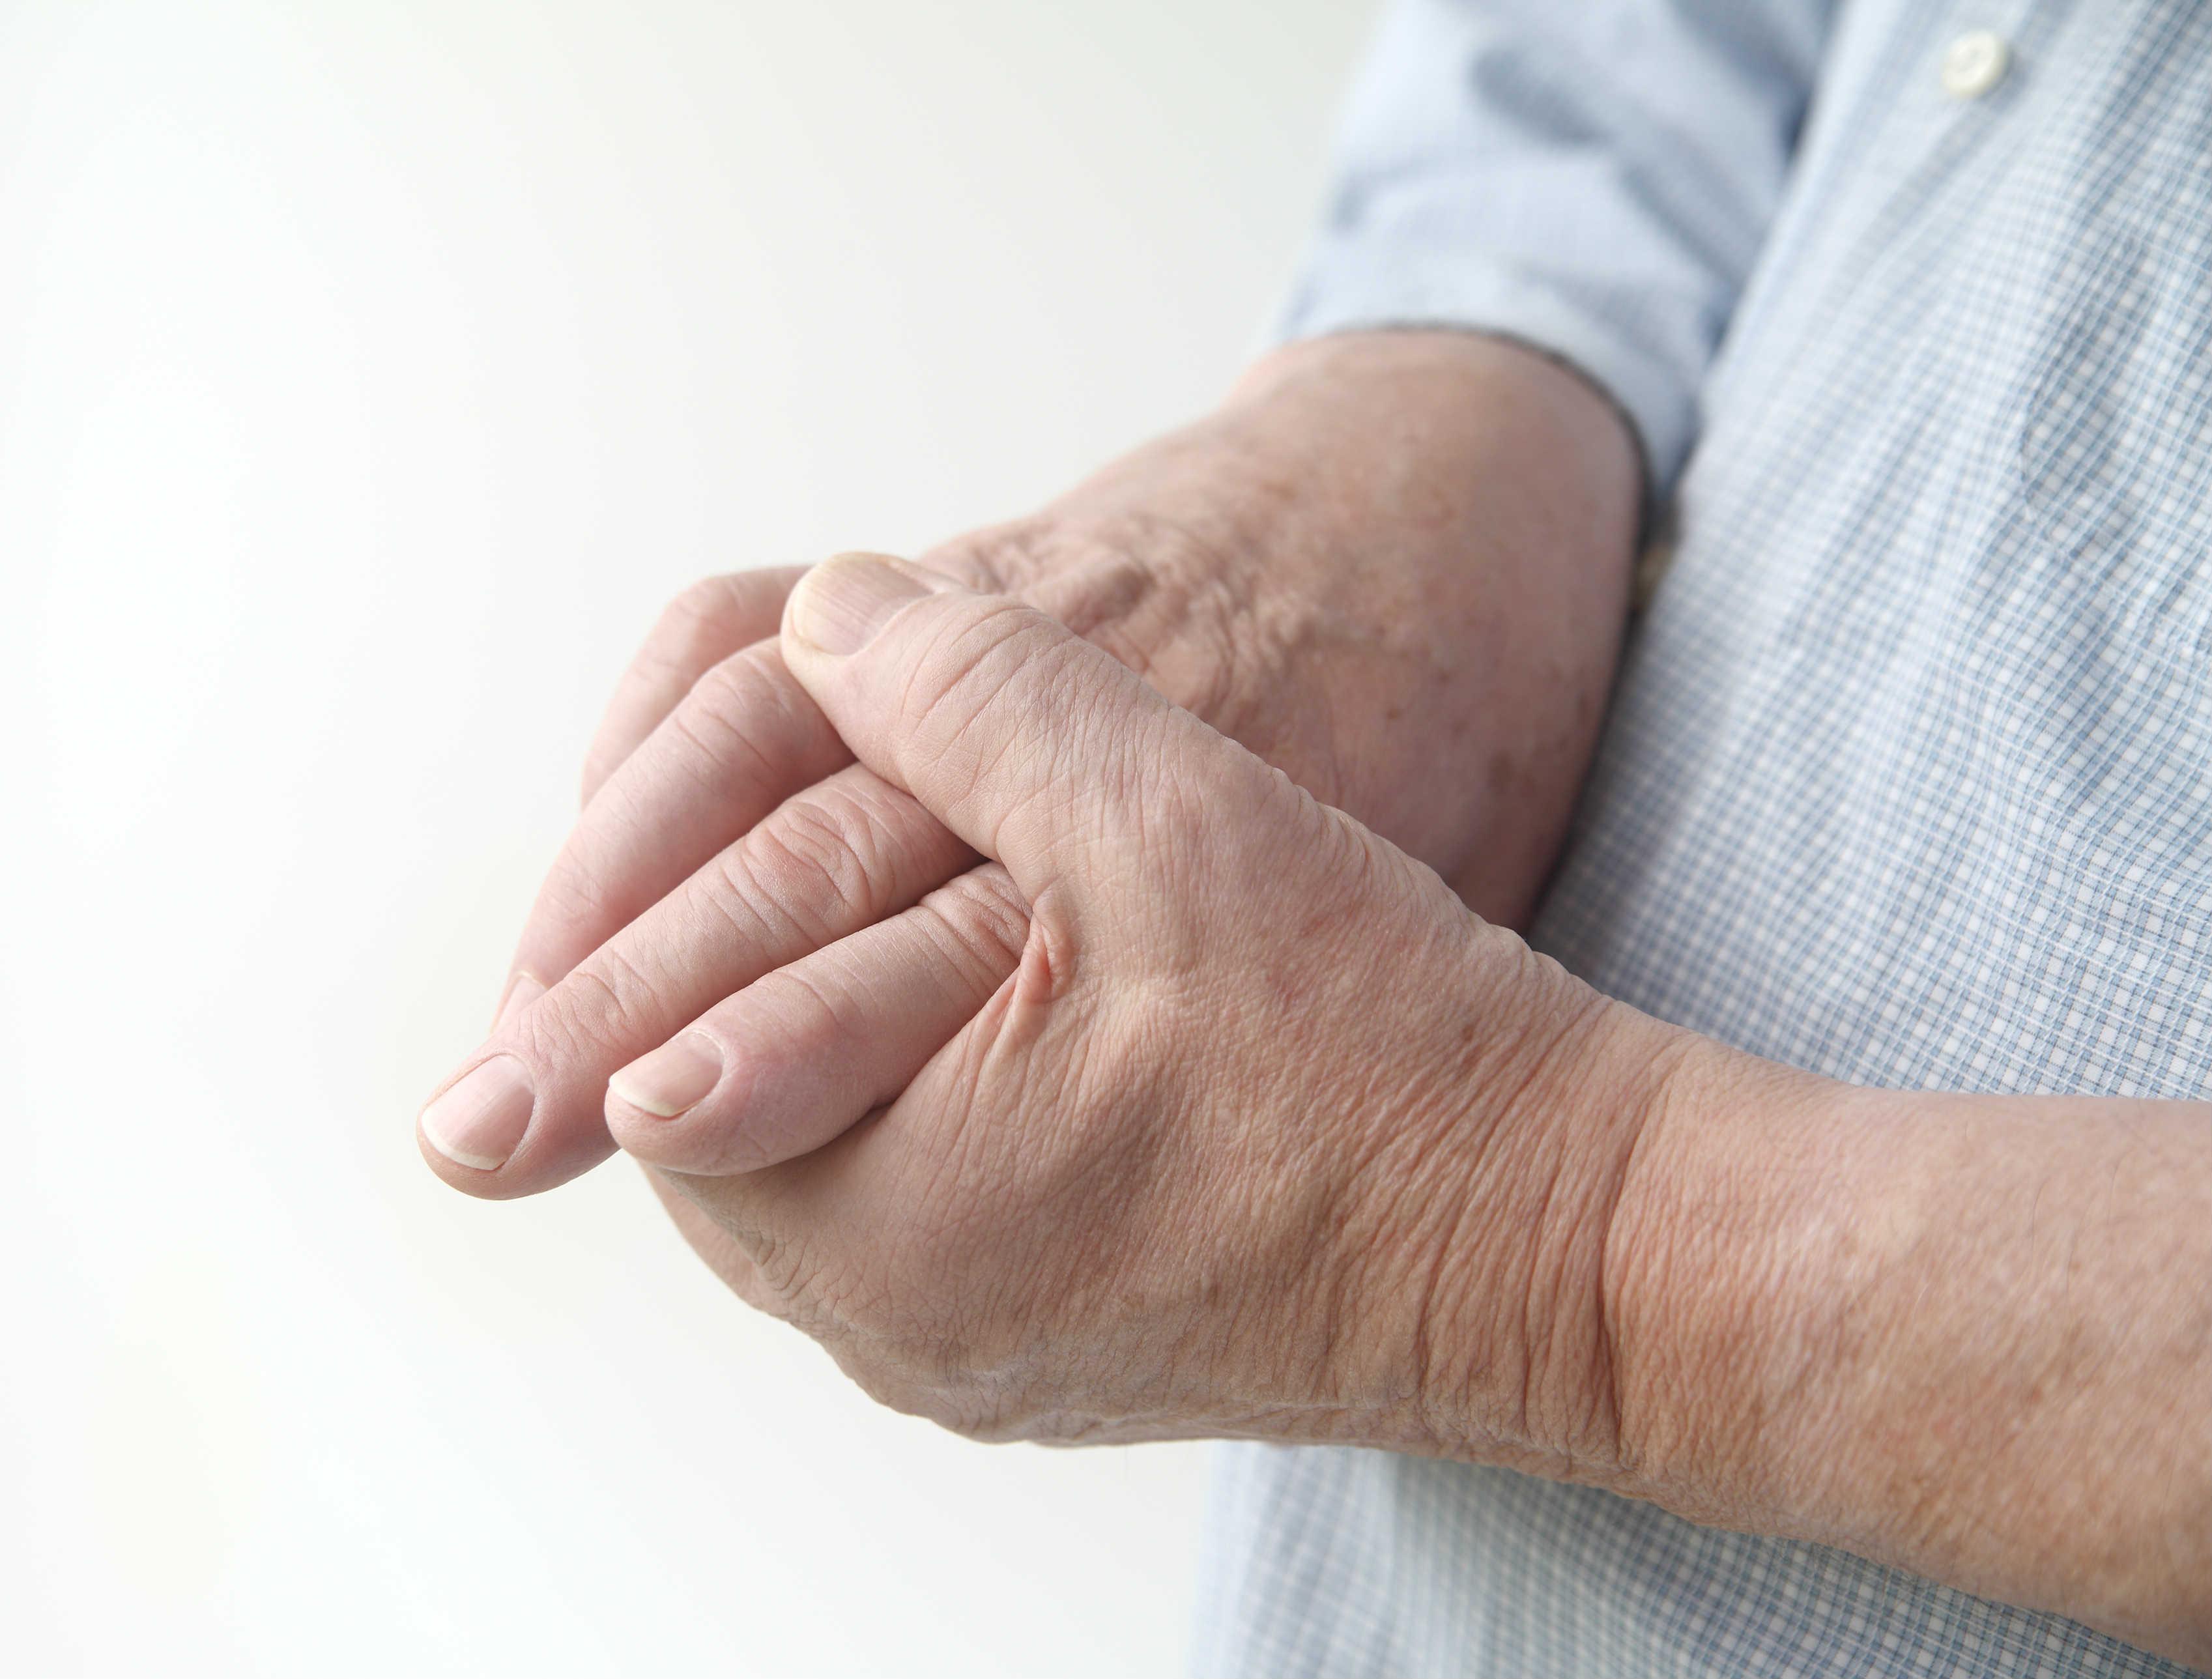 Болят мелкие суставы на руках и ногах предплюсне-плюсневый сустав 1-го пальца стопы